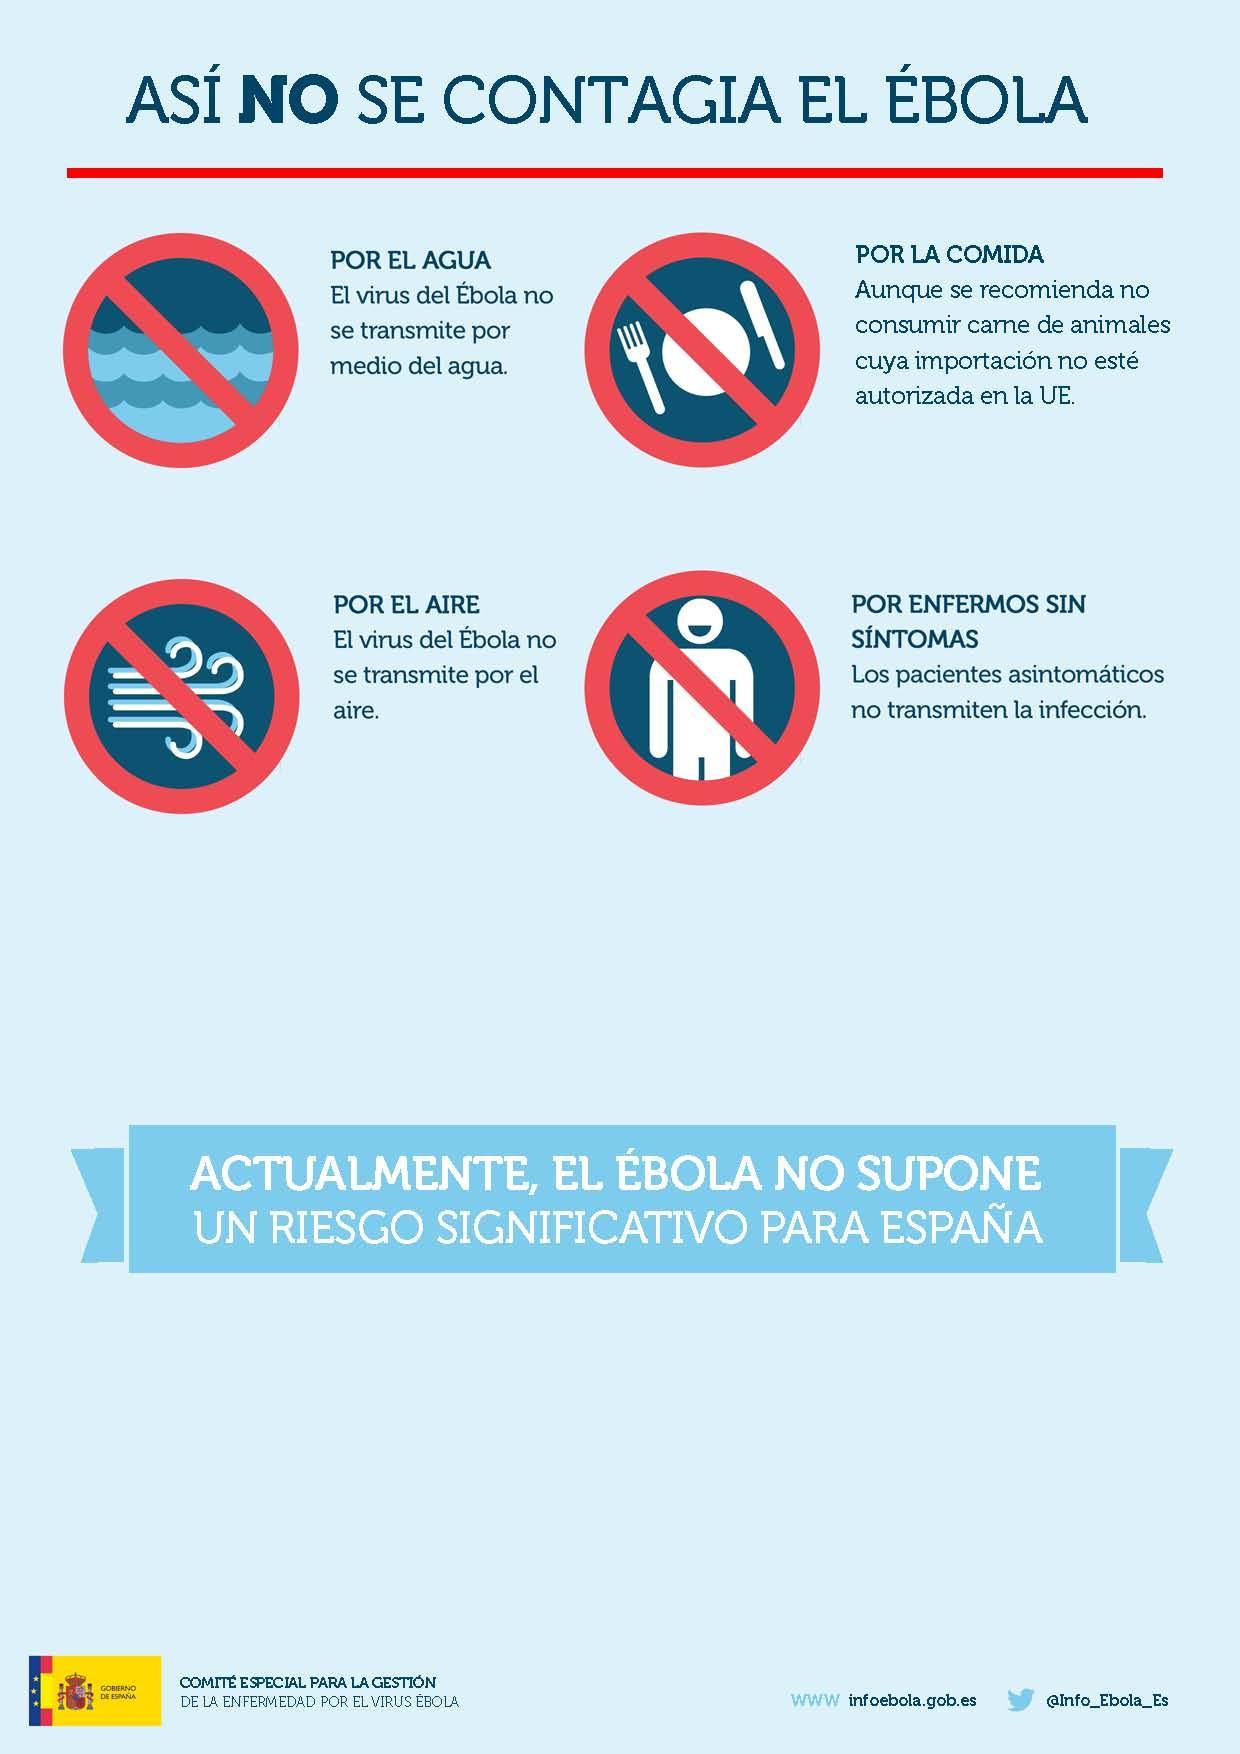 cartel informativo de como no se contagia el ébola